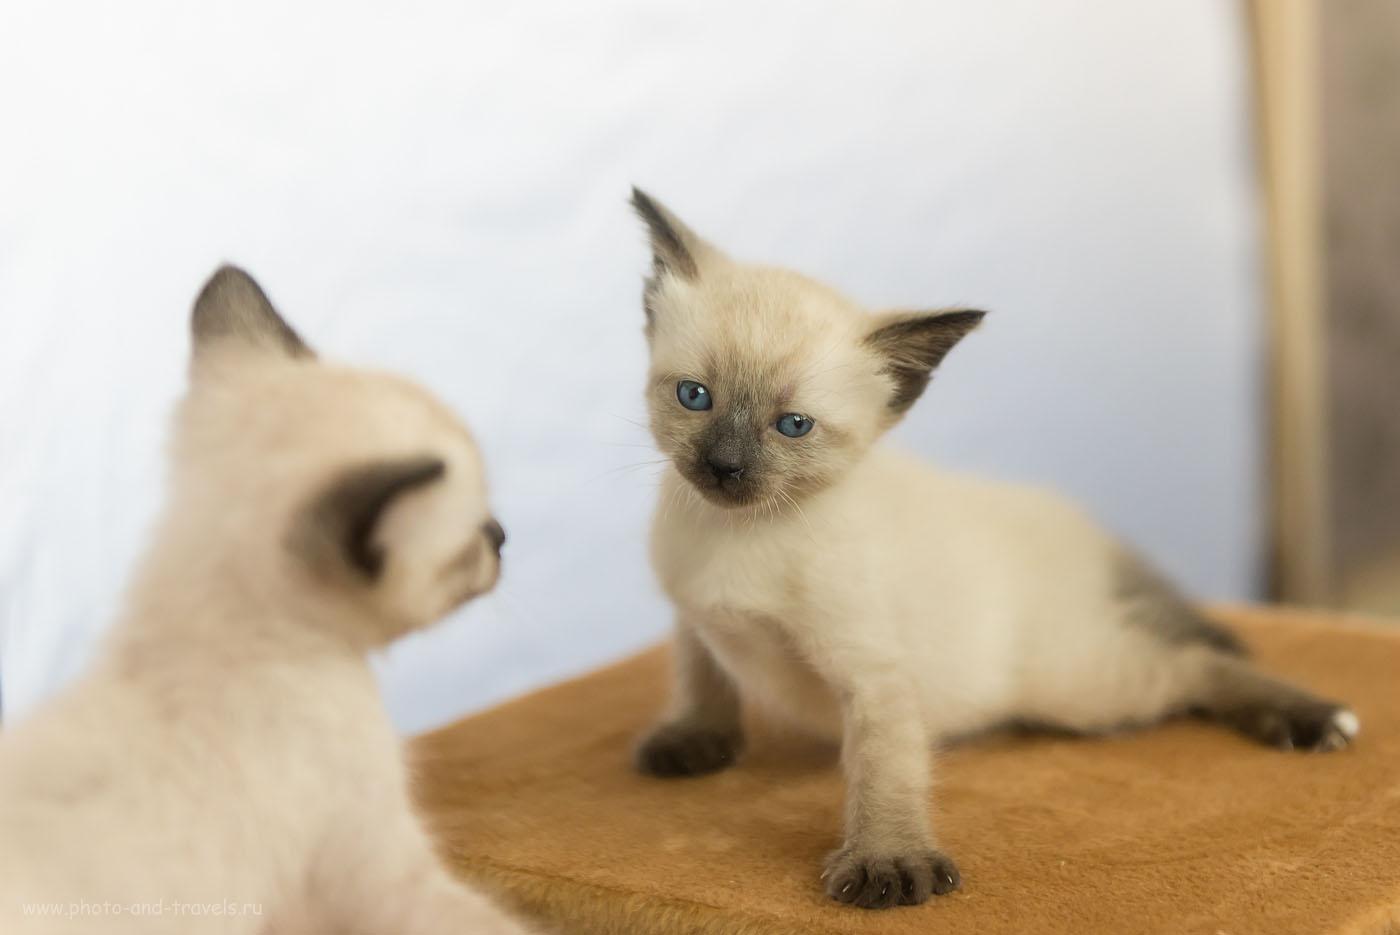 Фотография 10. Не понравился (пример фото кота на зекальный фотоаппарат Nikon D610 с объективом Nikkor 24-70/2.8. Параметры съемки в домашней фотостудии: 800, 70, f/2.8, 1/800)